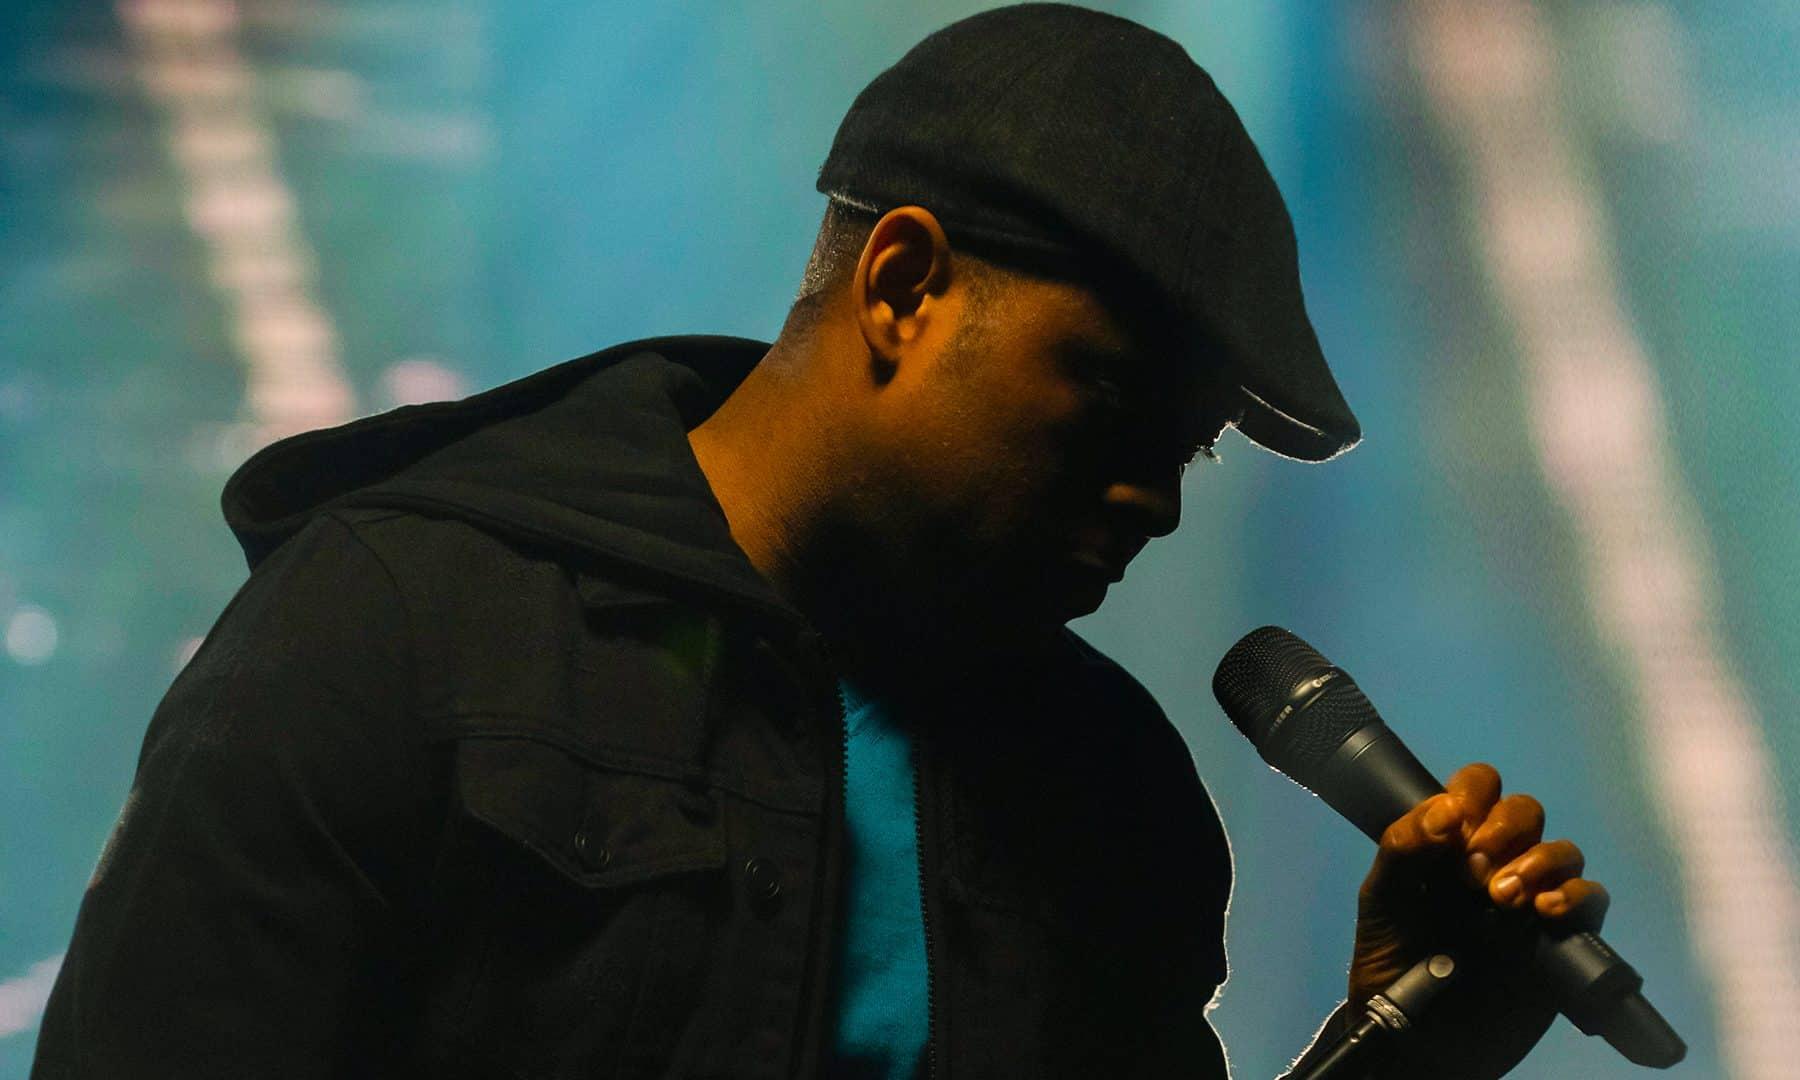 Soulful singer Llloyd sings with Soho